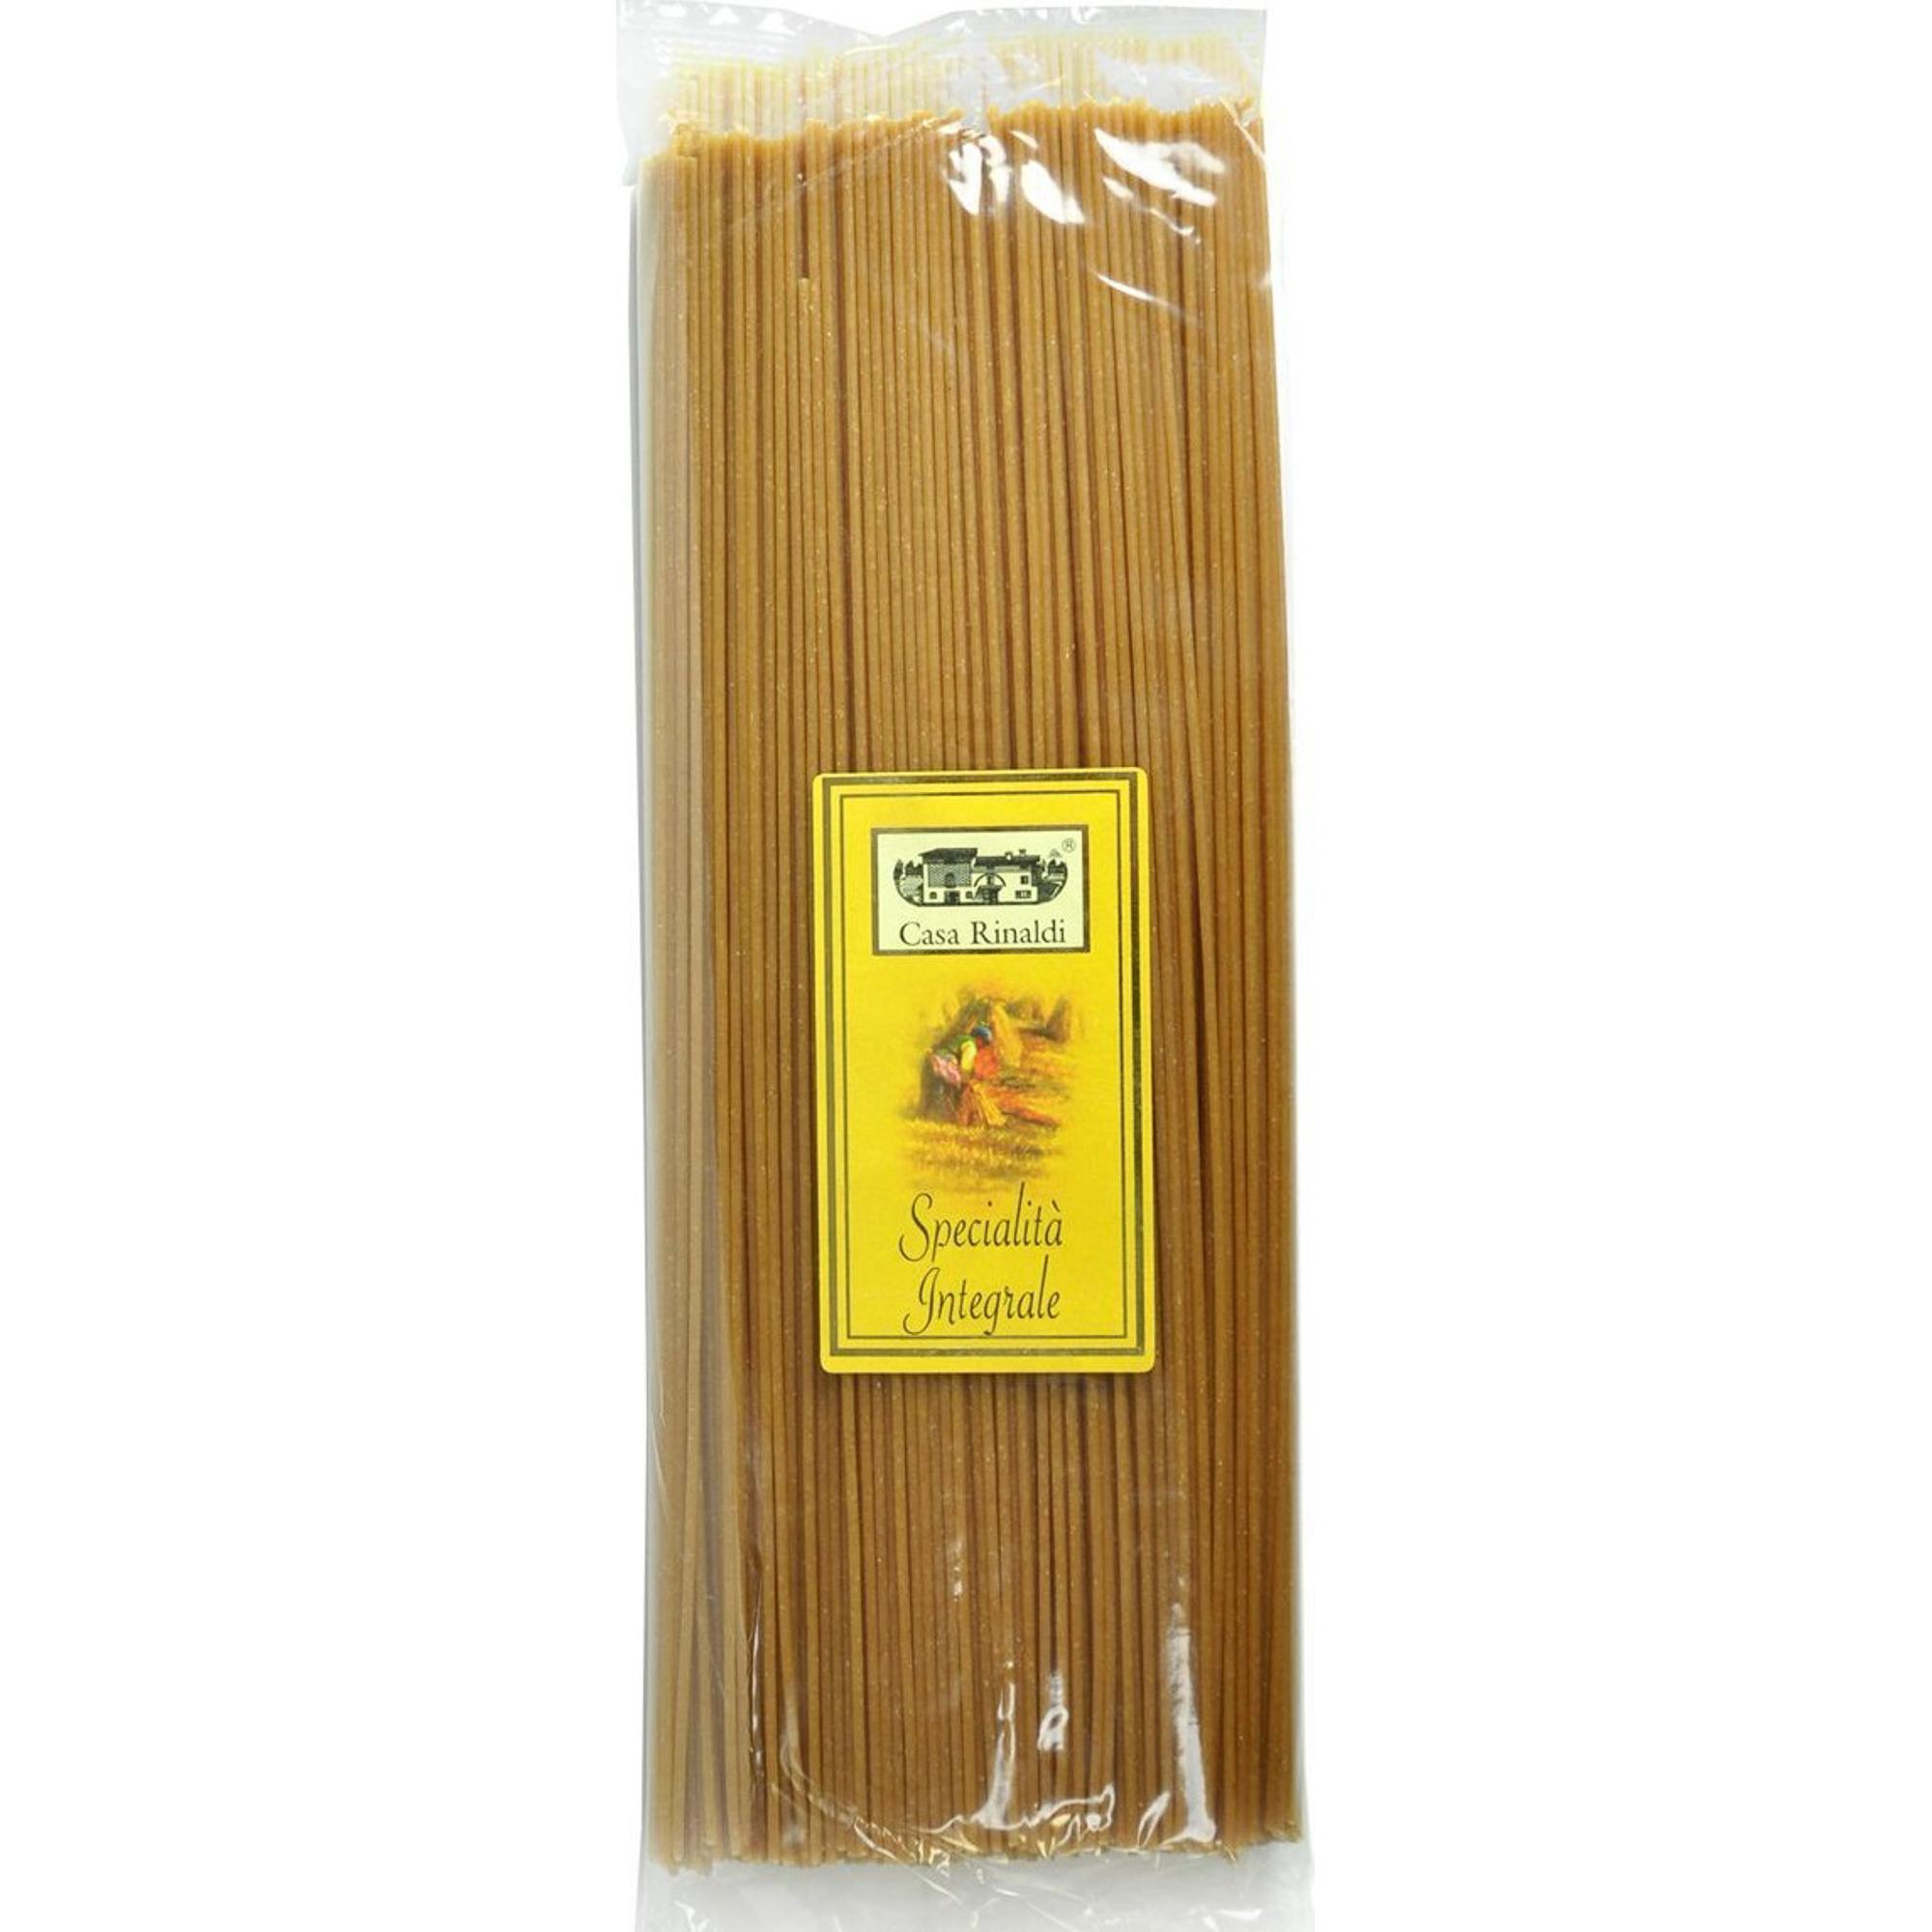 Спагетти Casa Rinaldi из непросеянной муки 500 г рис casa rinaldi карнароли длиннозёрный полуобрушенный 500 г